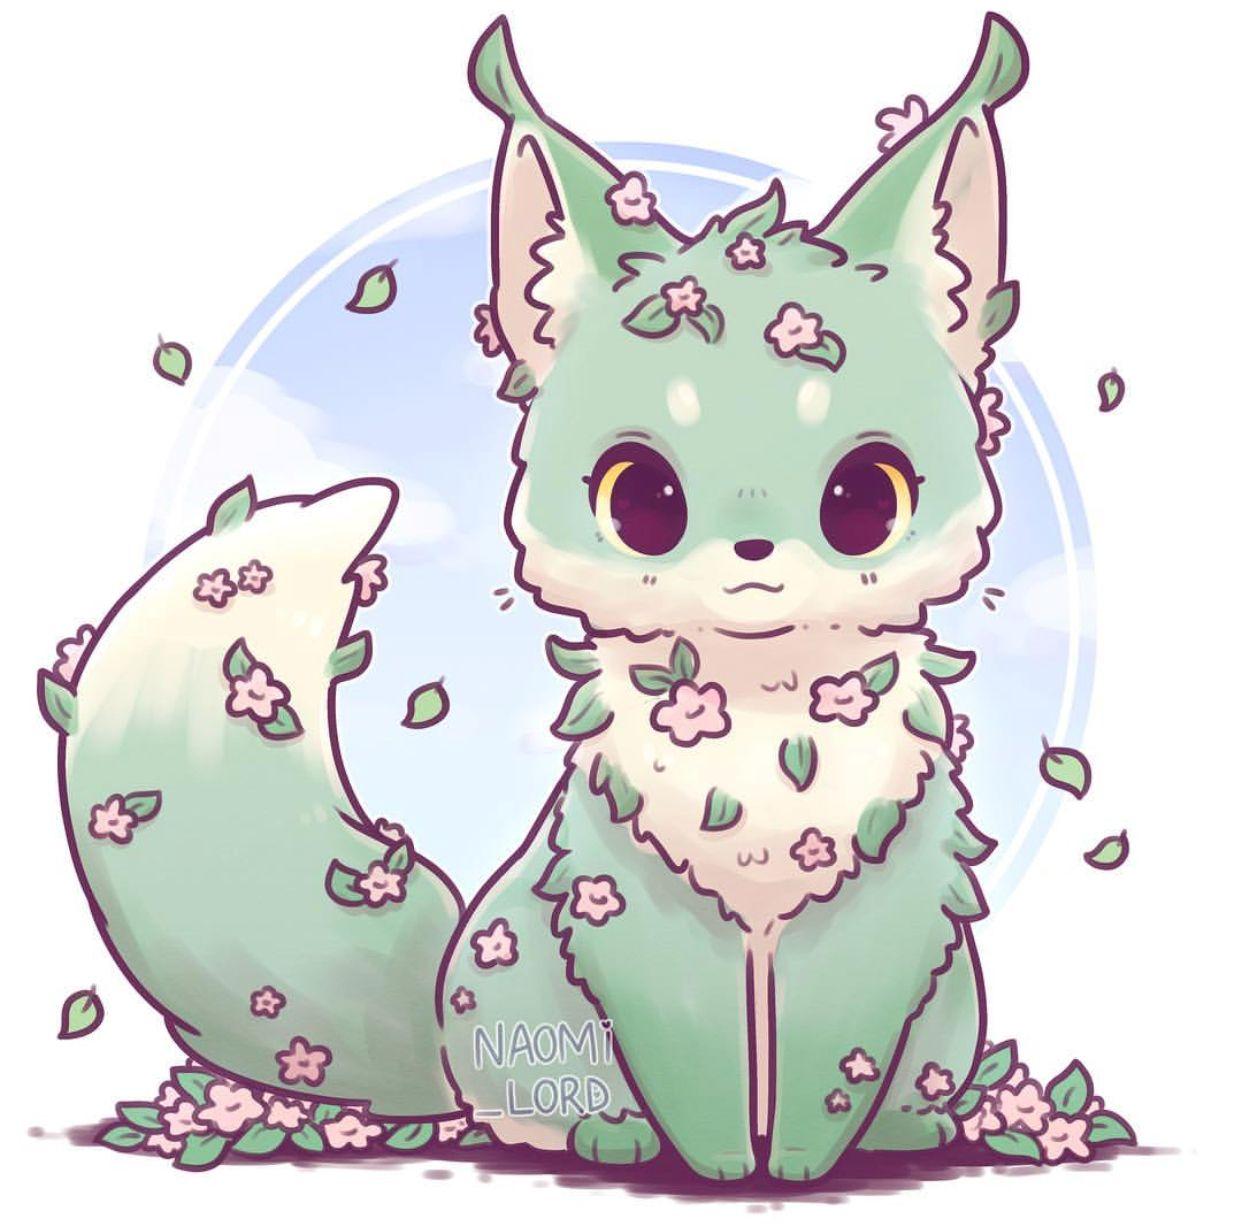 α∂∂уѕρυяяfє¢ткιттєи•*¨*•.¸¸.♡ Cute kawaii drawings, Kawaii